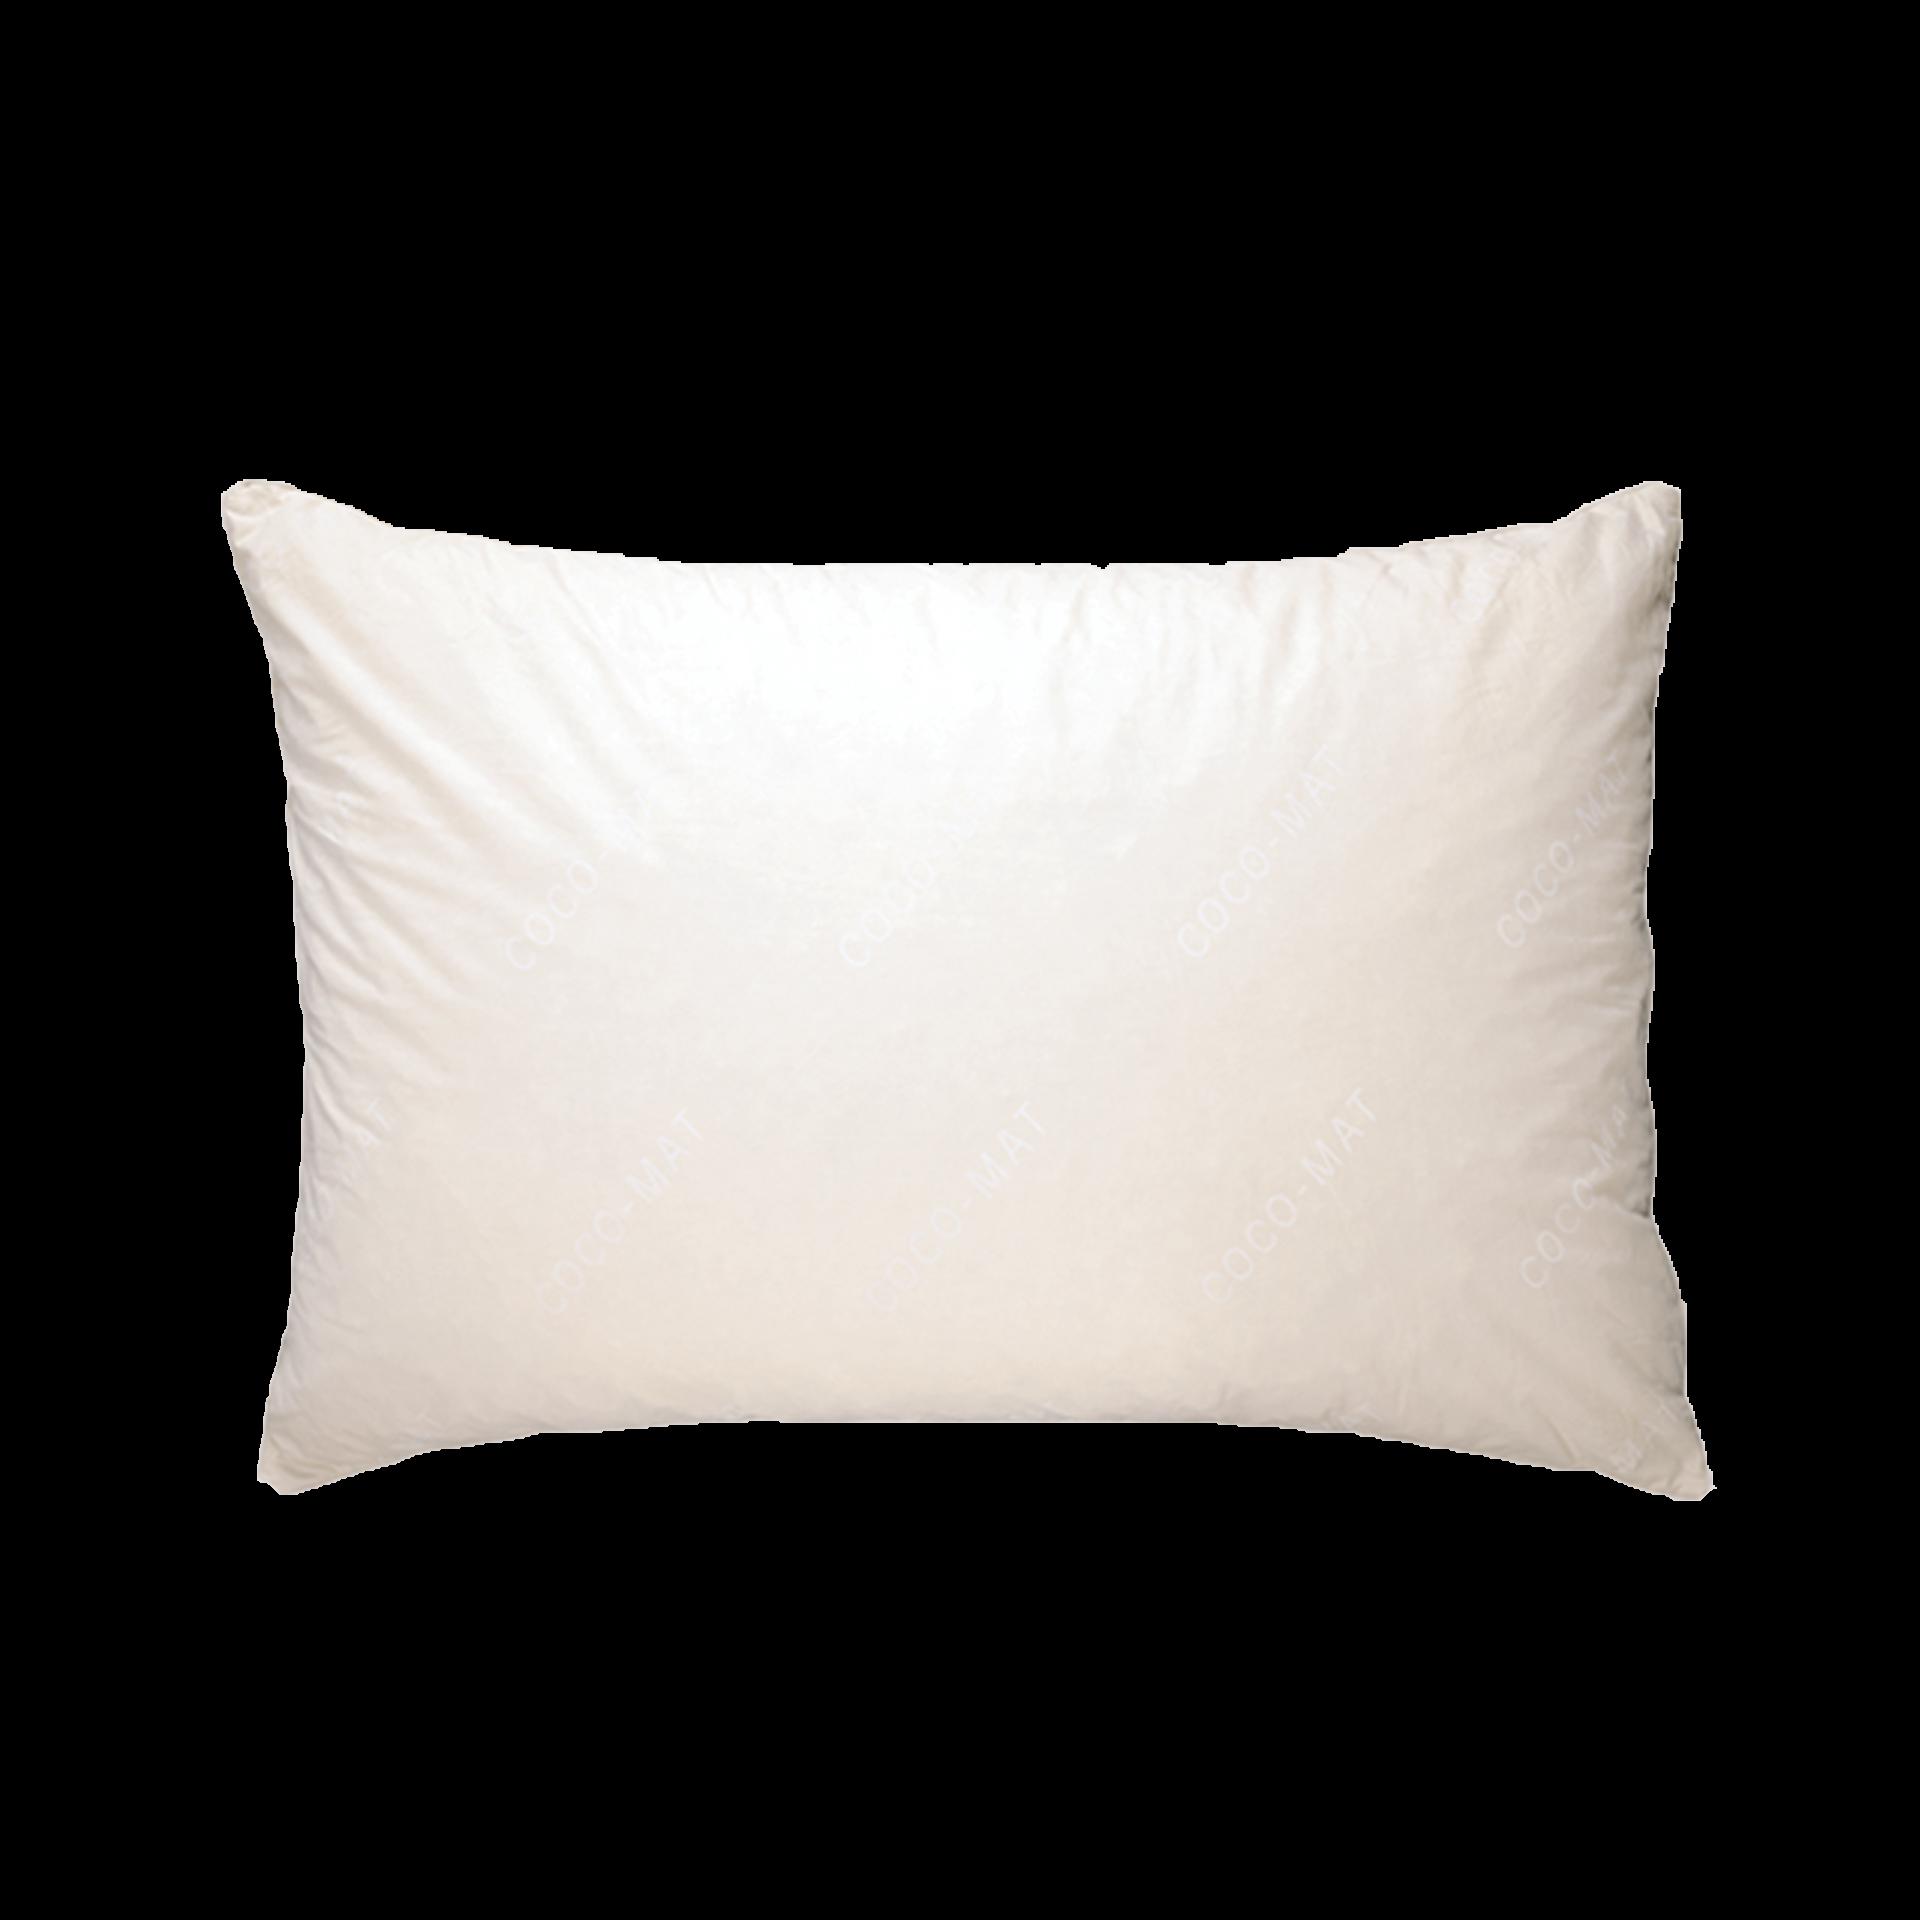 Pillow clipart sleeping bag pillow. Morfeas coco mat